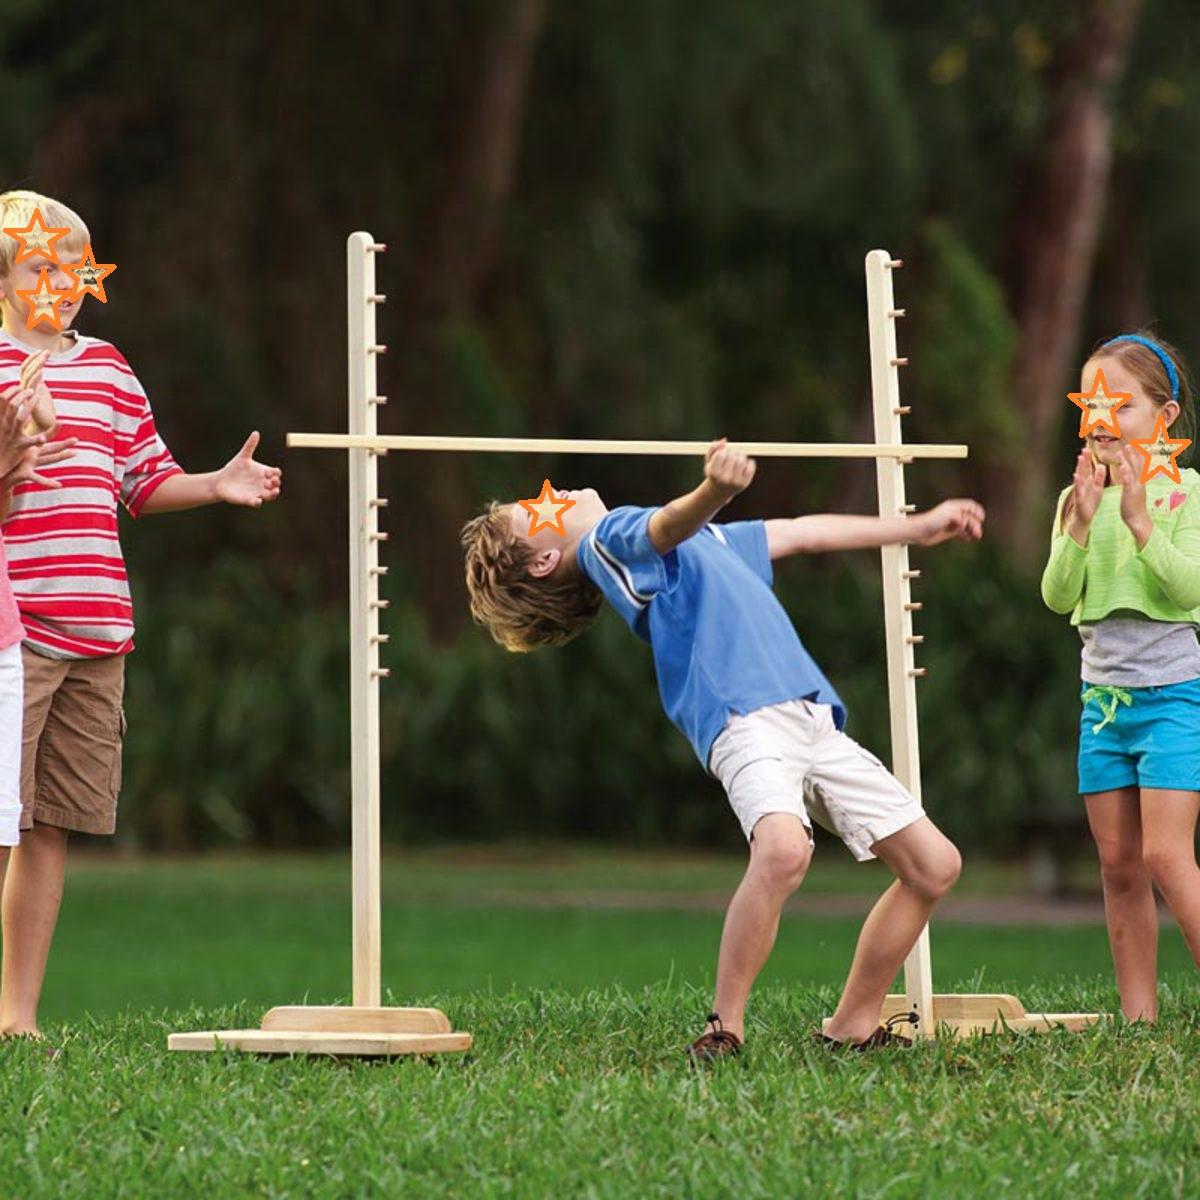 Παιχνίδι για παιδικά πάρτυ Λίμπο